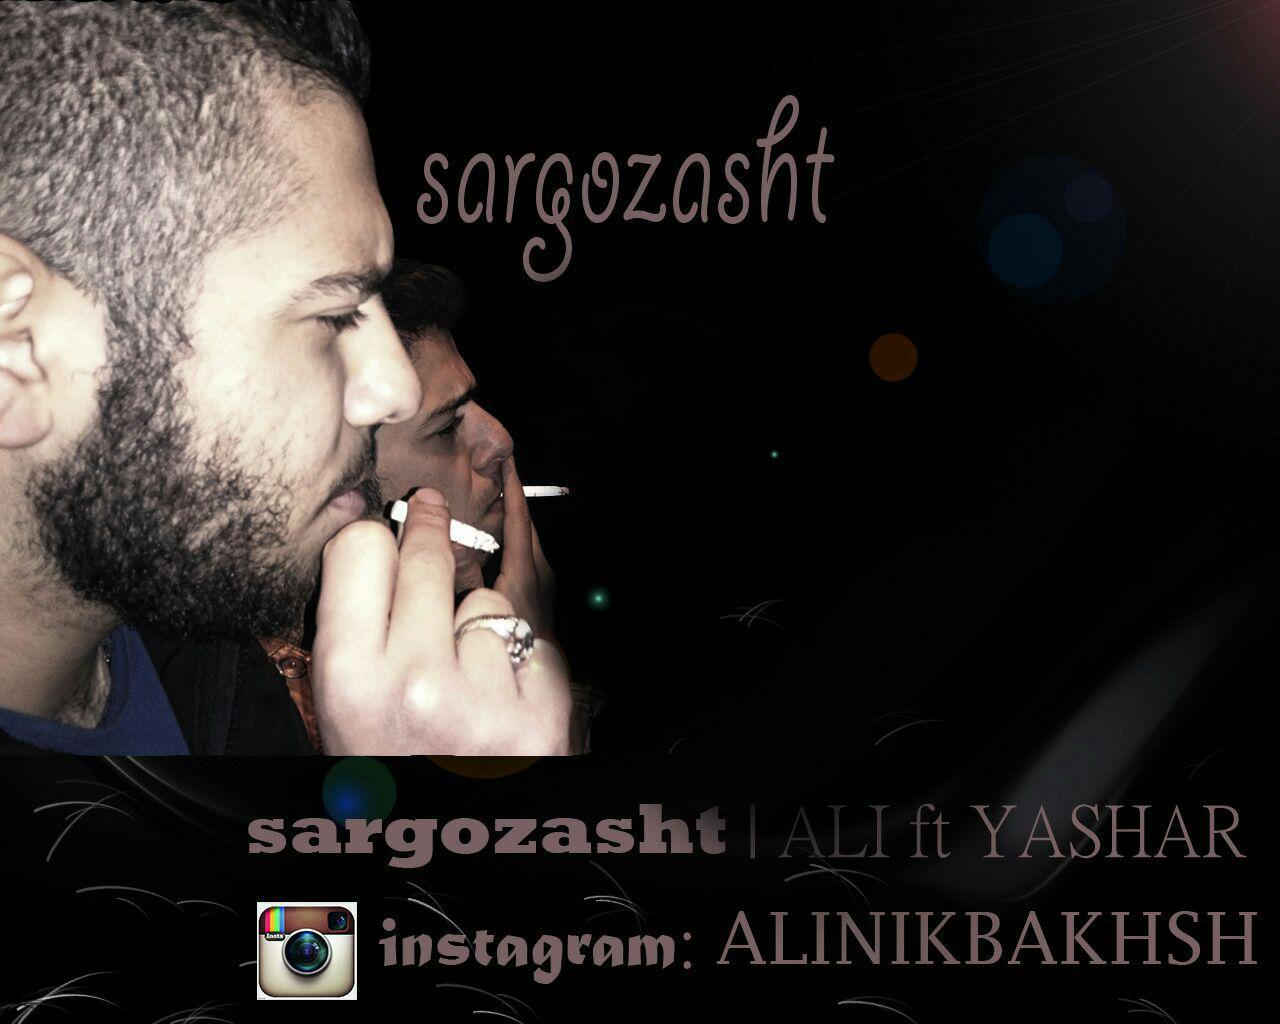 دانلود آهنگ جدید و زیبای سرگذشت از علی نیکبخش و یاشار